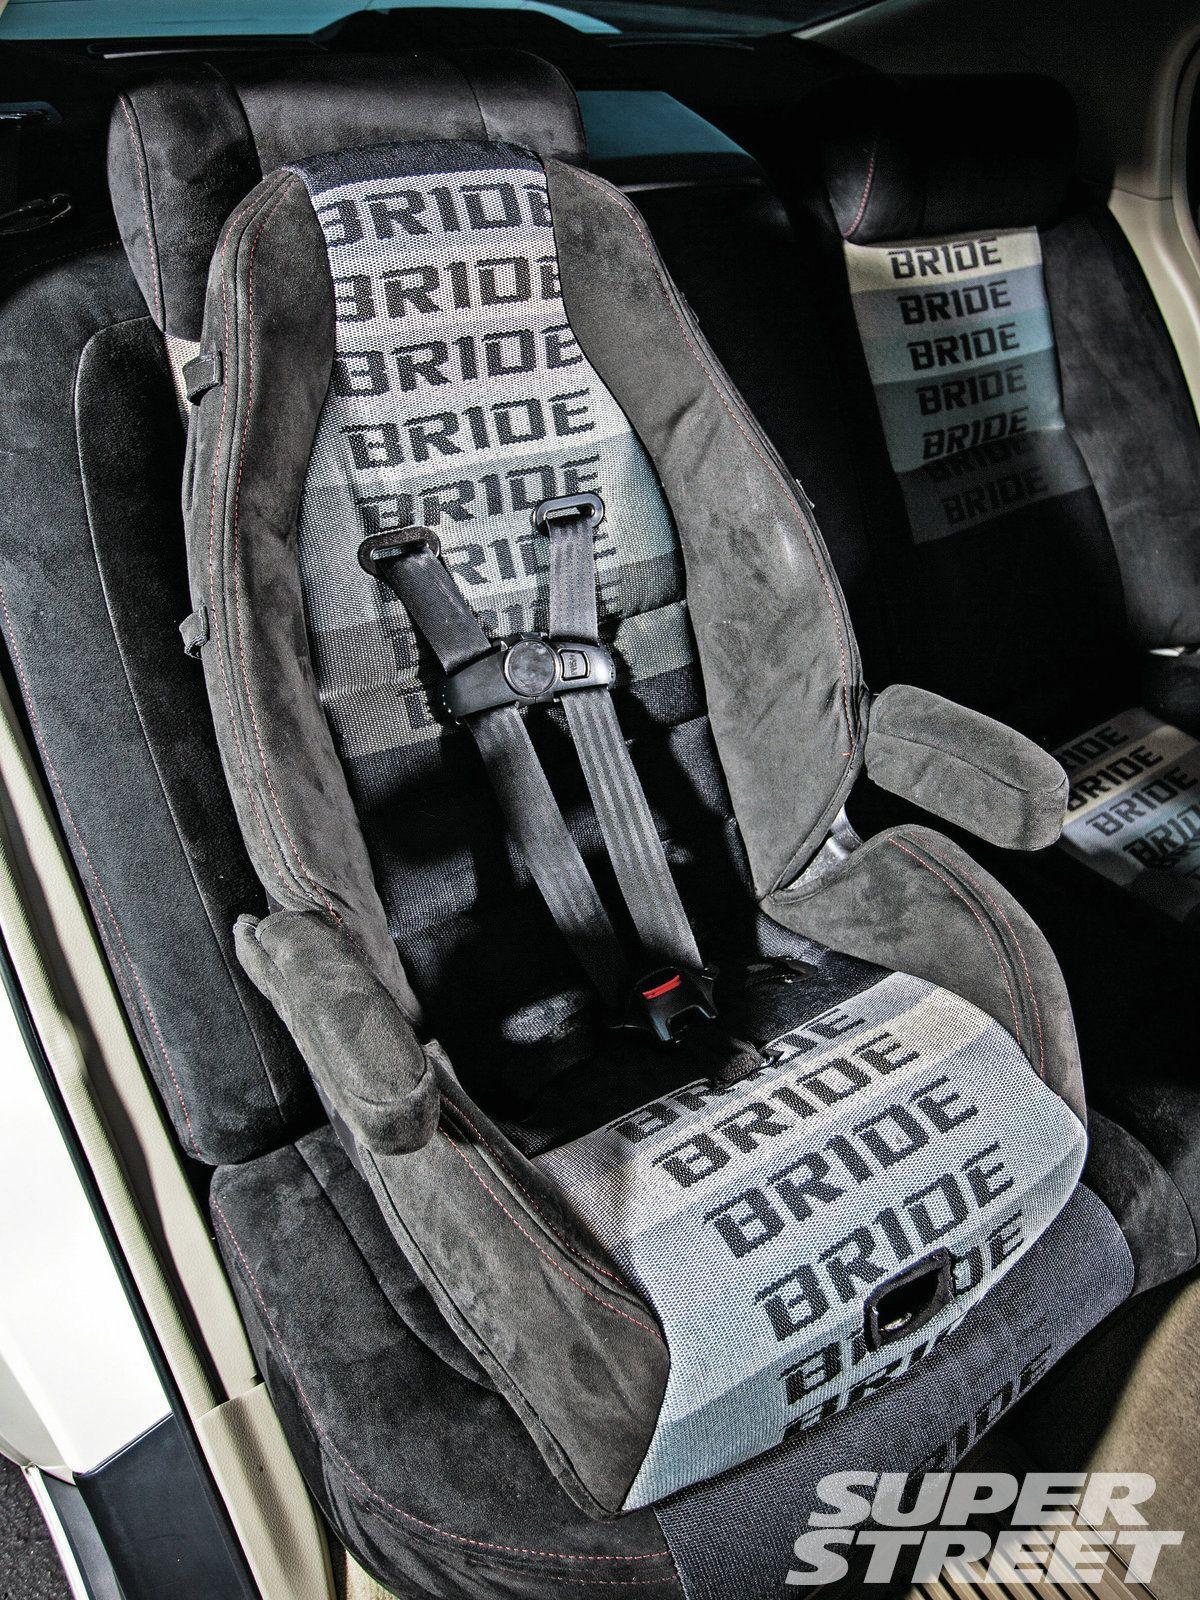 Bride Baby Seat Nie Dostpne S Bridey W Ed Pinterest